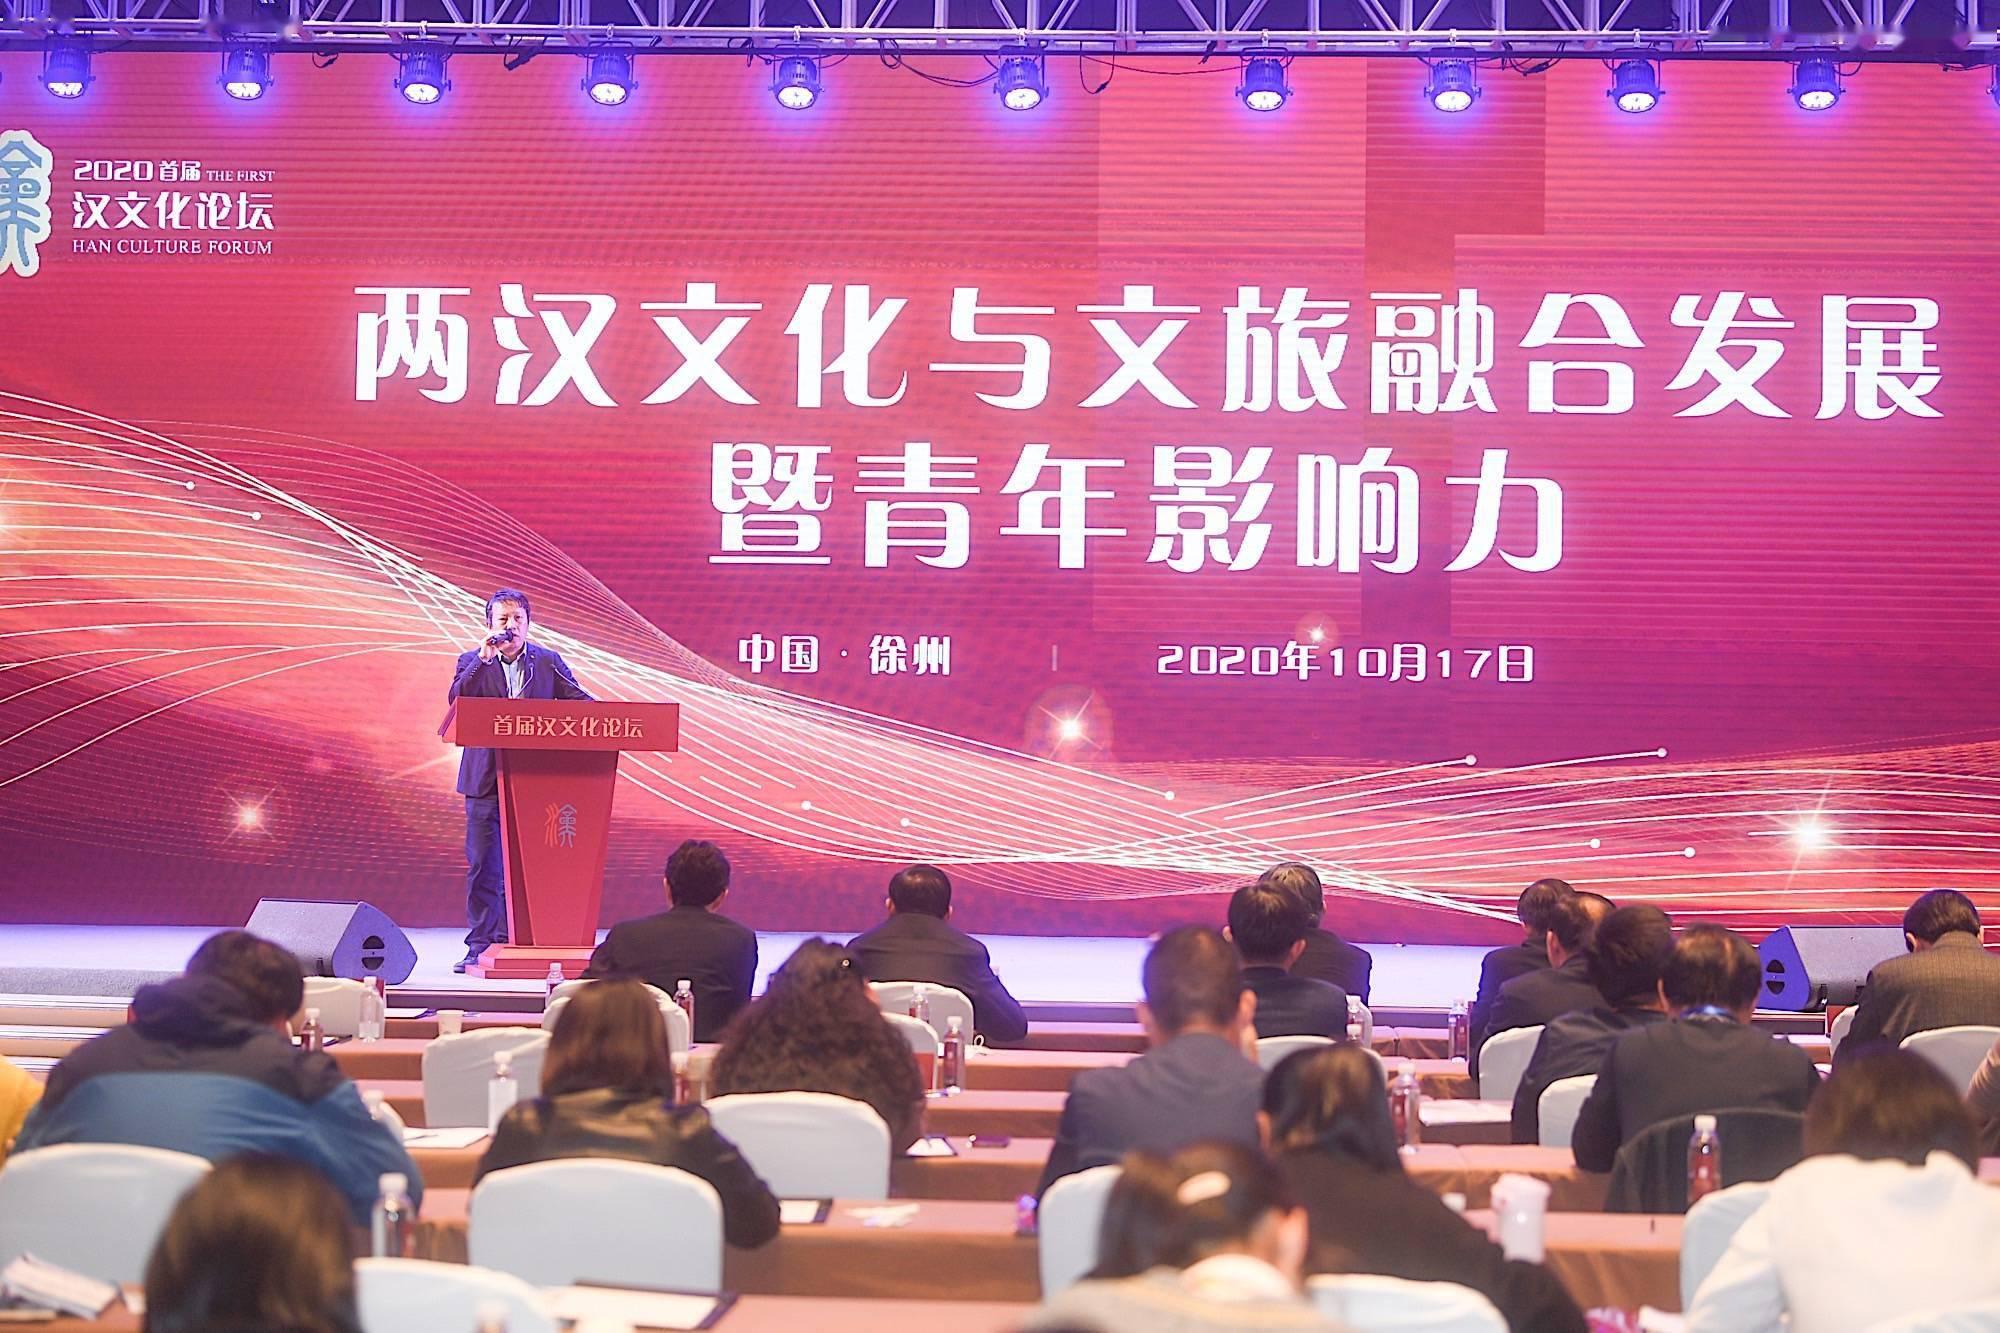 """舞动汉风,让徐州成为汉文化的""""诗与远方"""""""